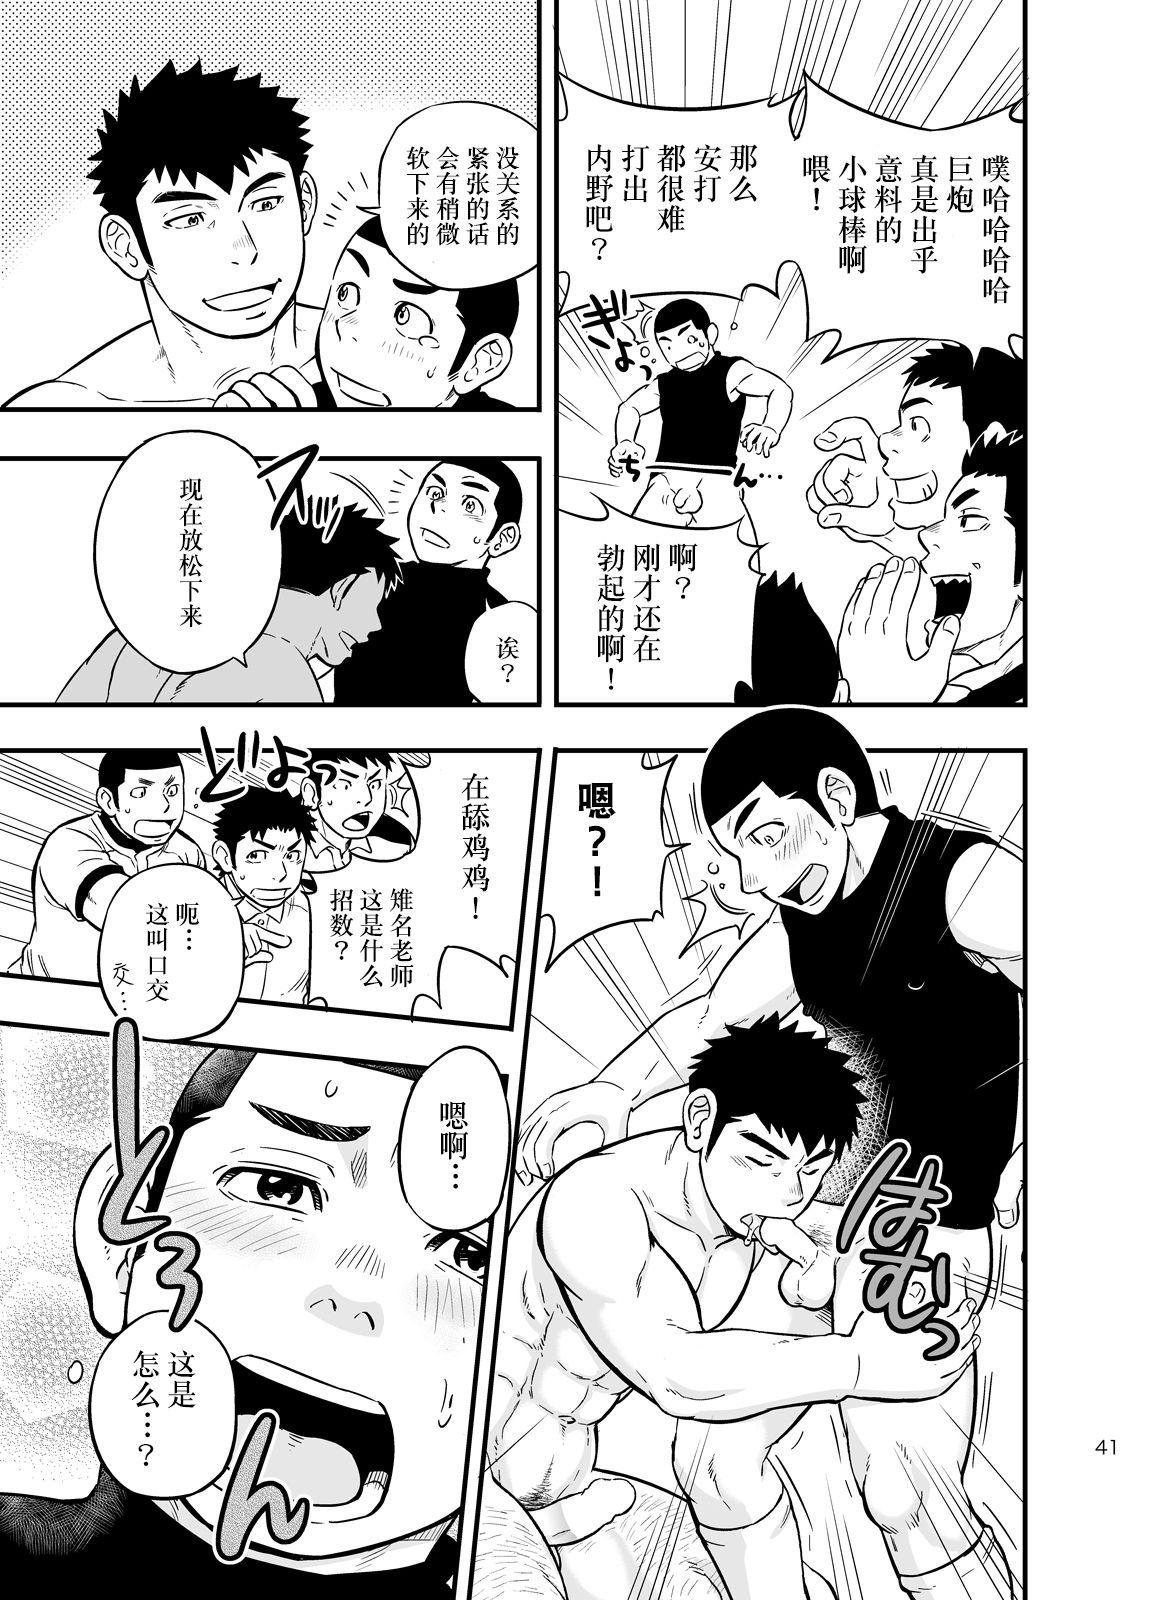 Moshimo Danshikou no Hoken Taiiku ga Jitsugi Ari Dattara 2 | 如果男校的保健体育课有实践环节的话 2 39